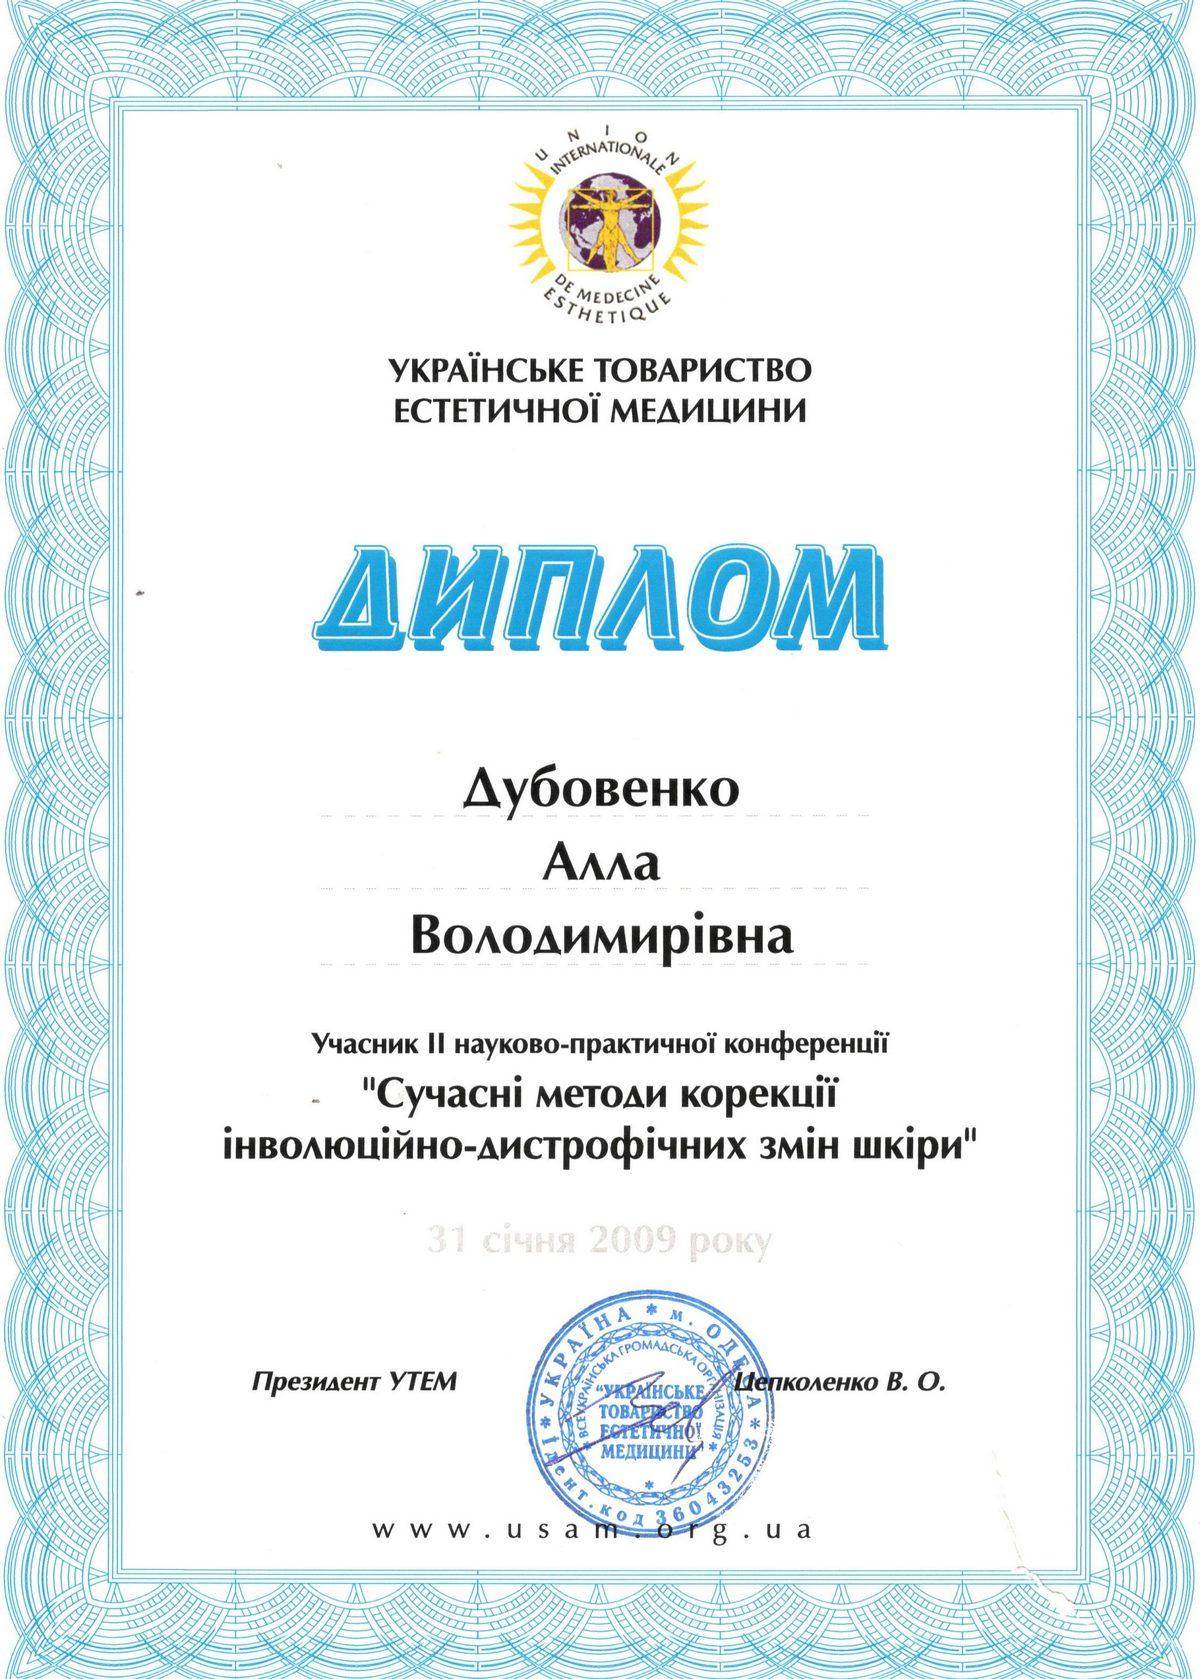 Документ №:16 Диплом врача-дерматолога, косметолога Дубовенко Аллы Владимировны